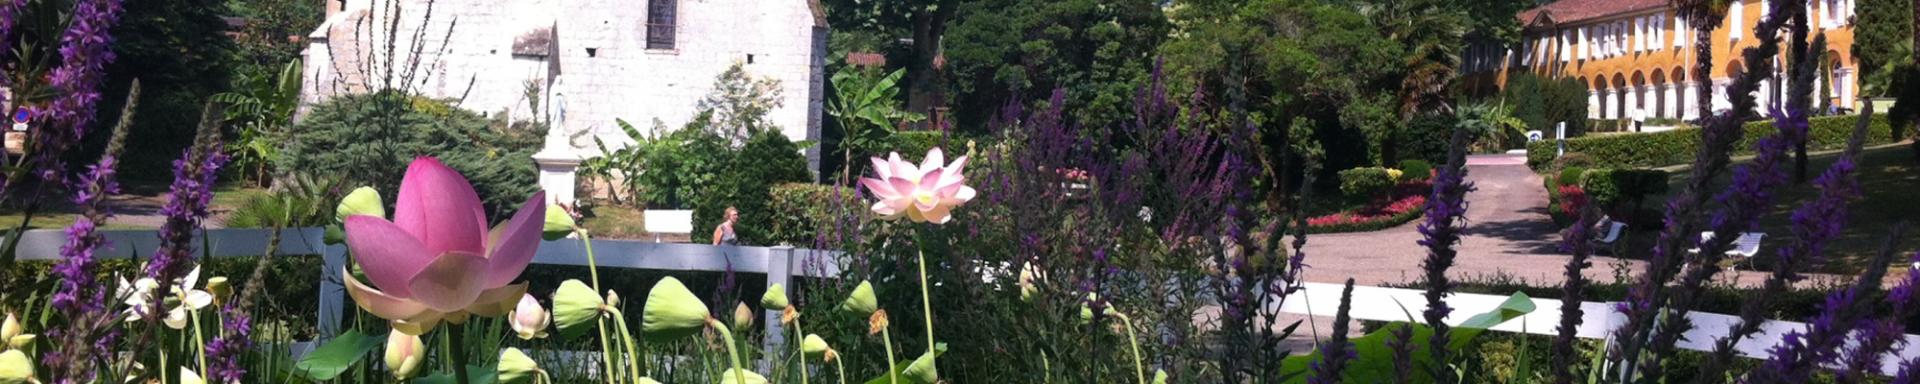 lotus-738